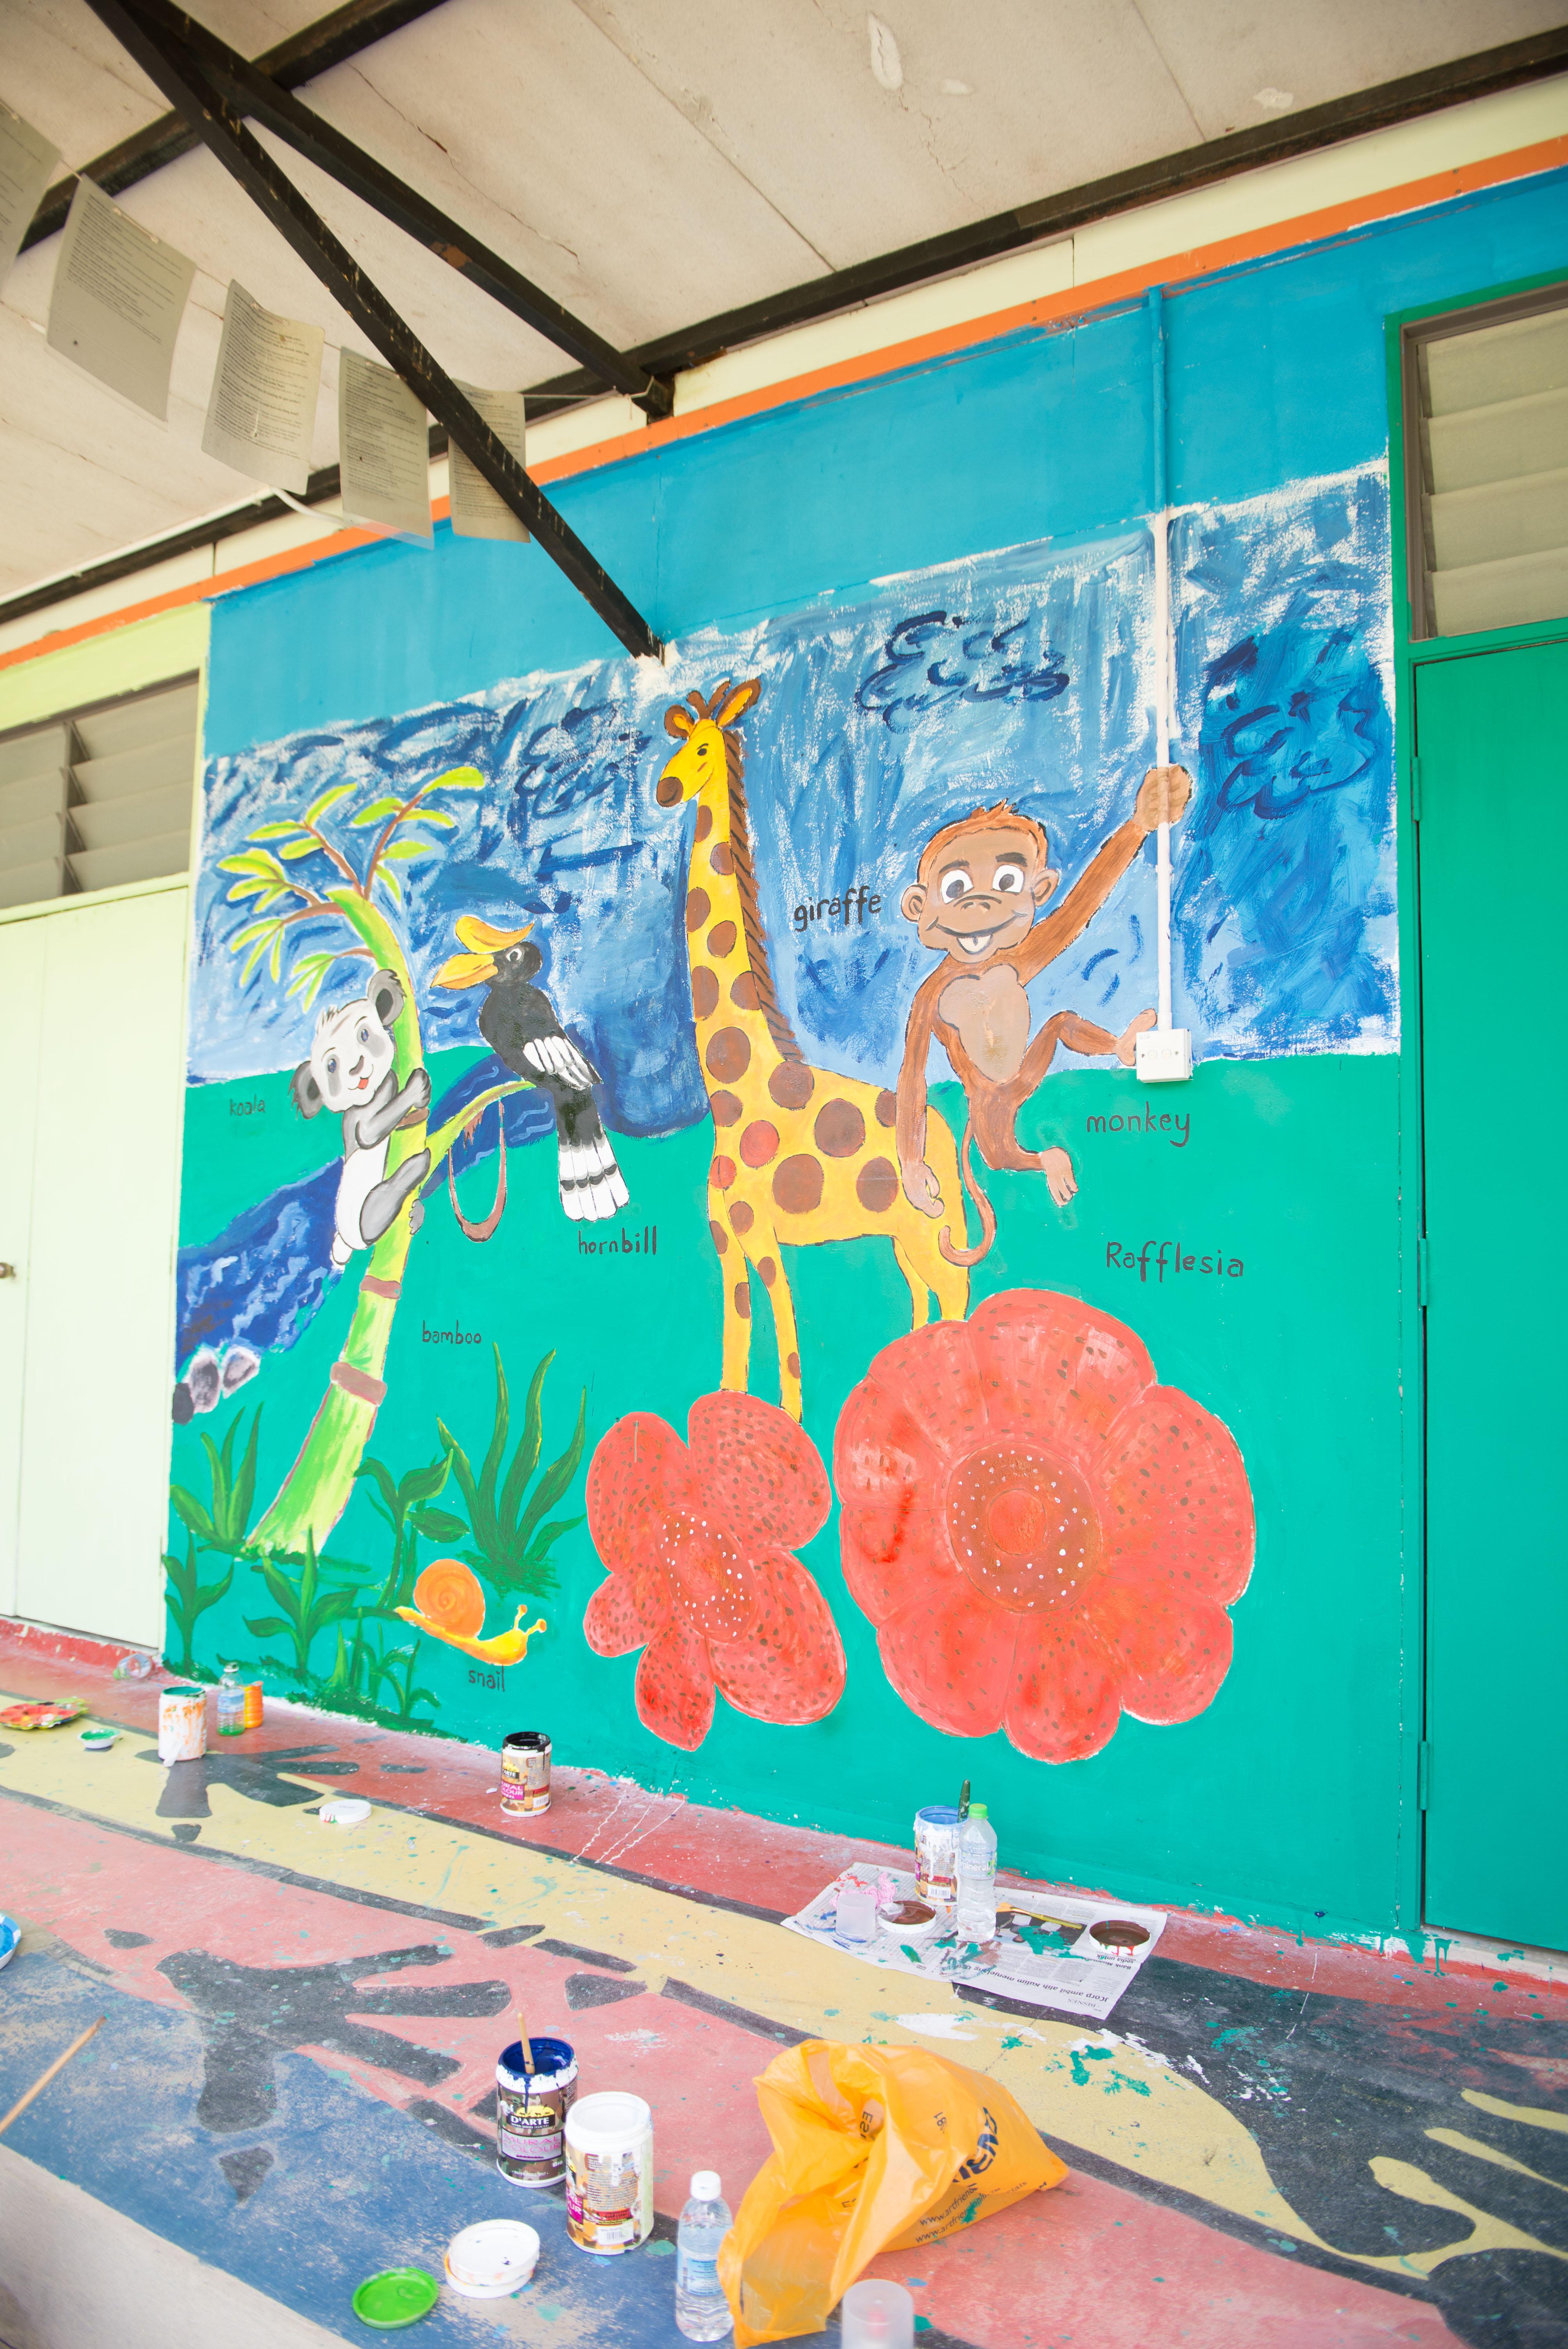 h.mural